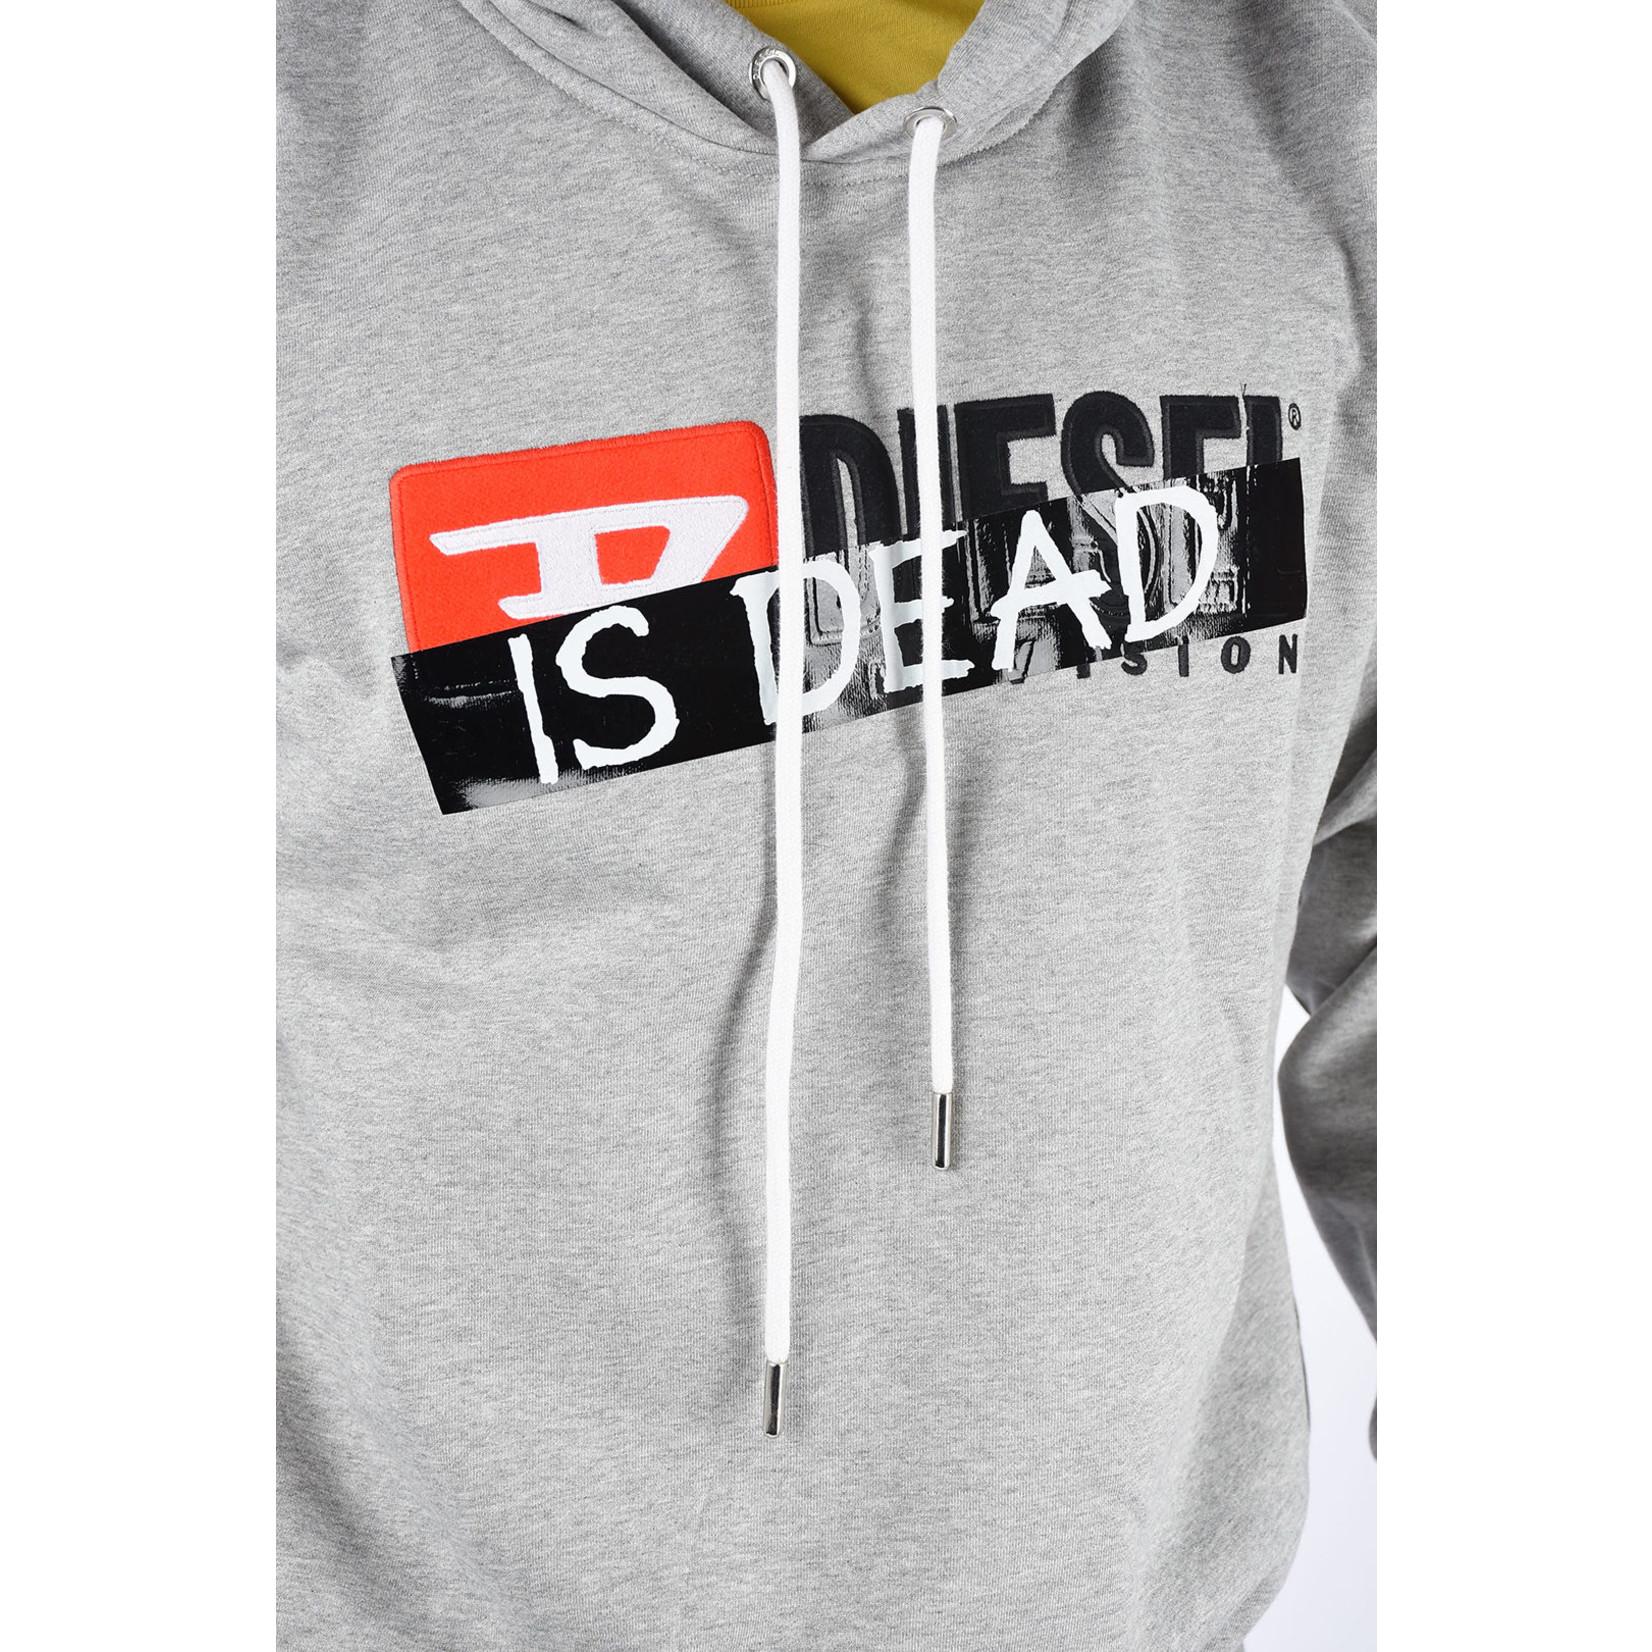 DIESEL DIESEL IS DEAD SWEATSHIRT DIVISION FELPA - GREY